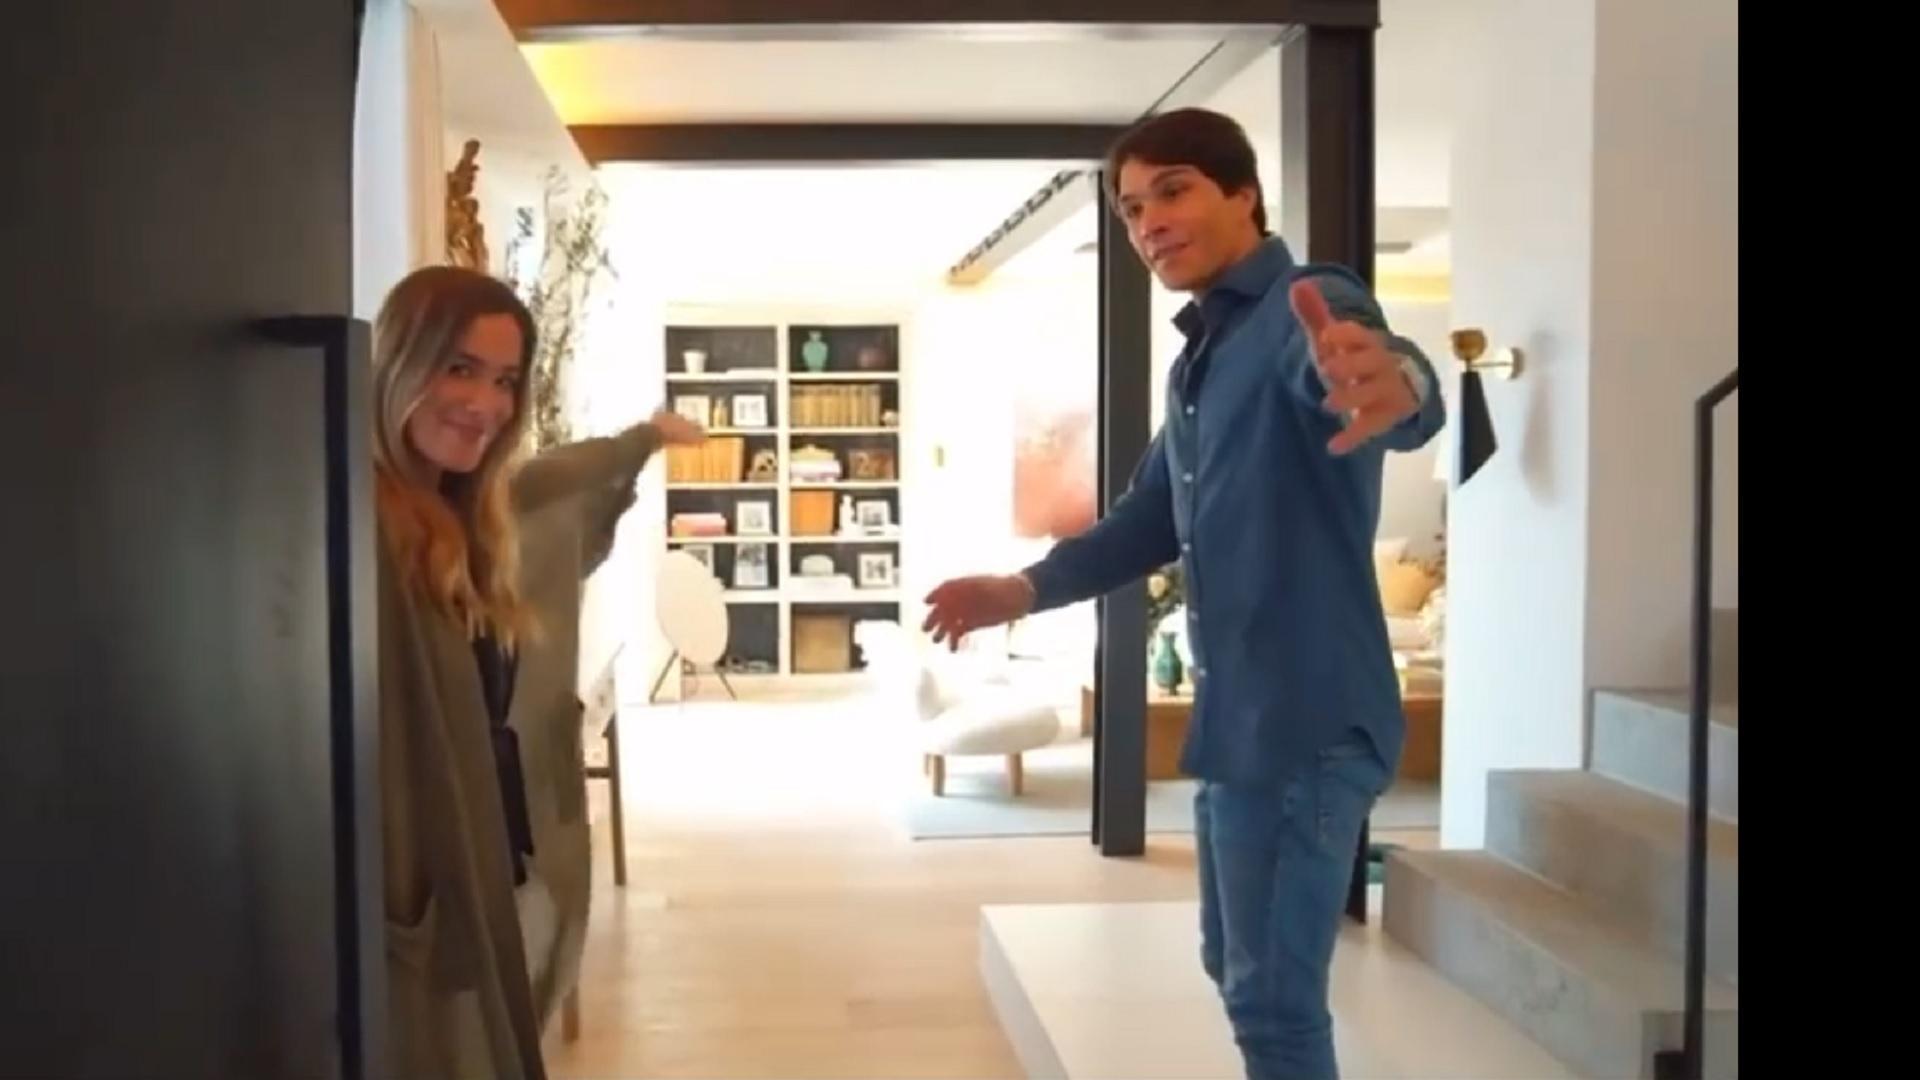 Descubre la nueva casa de María Pombo y Pablo Castellano